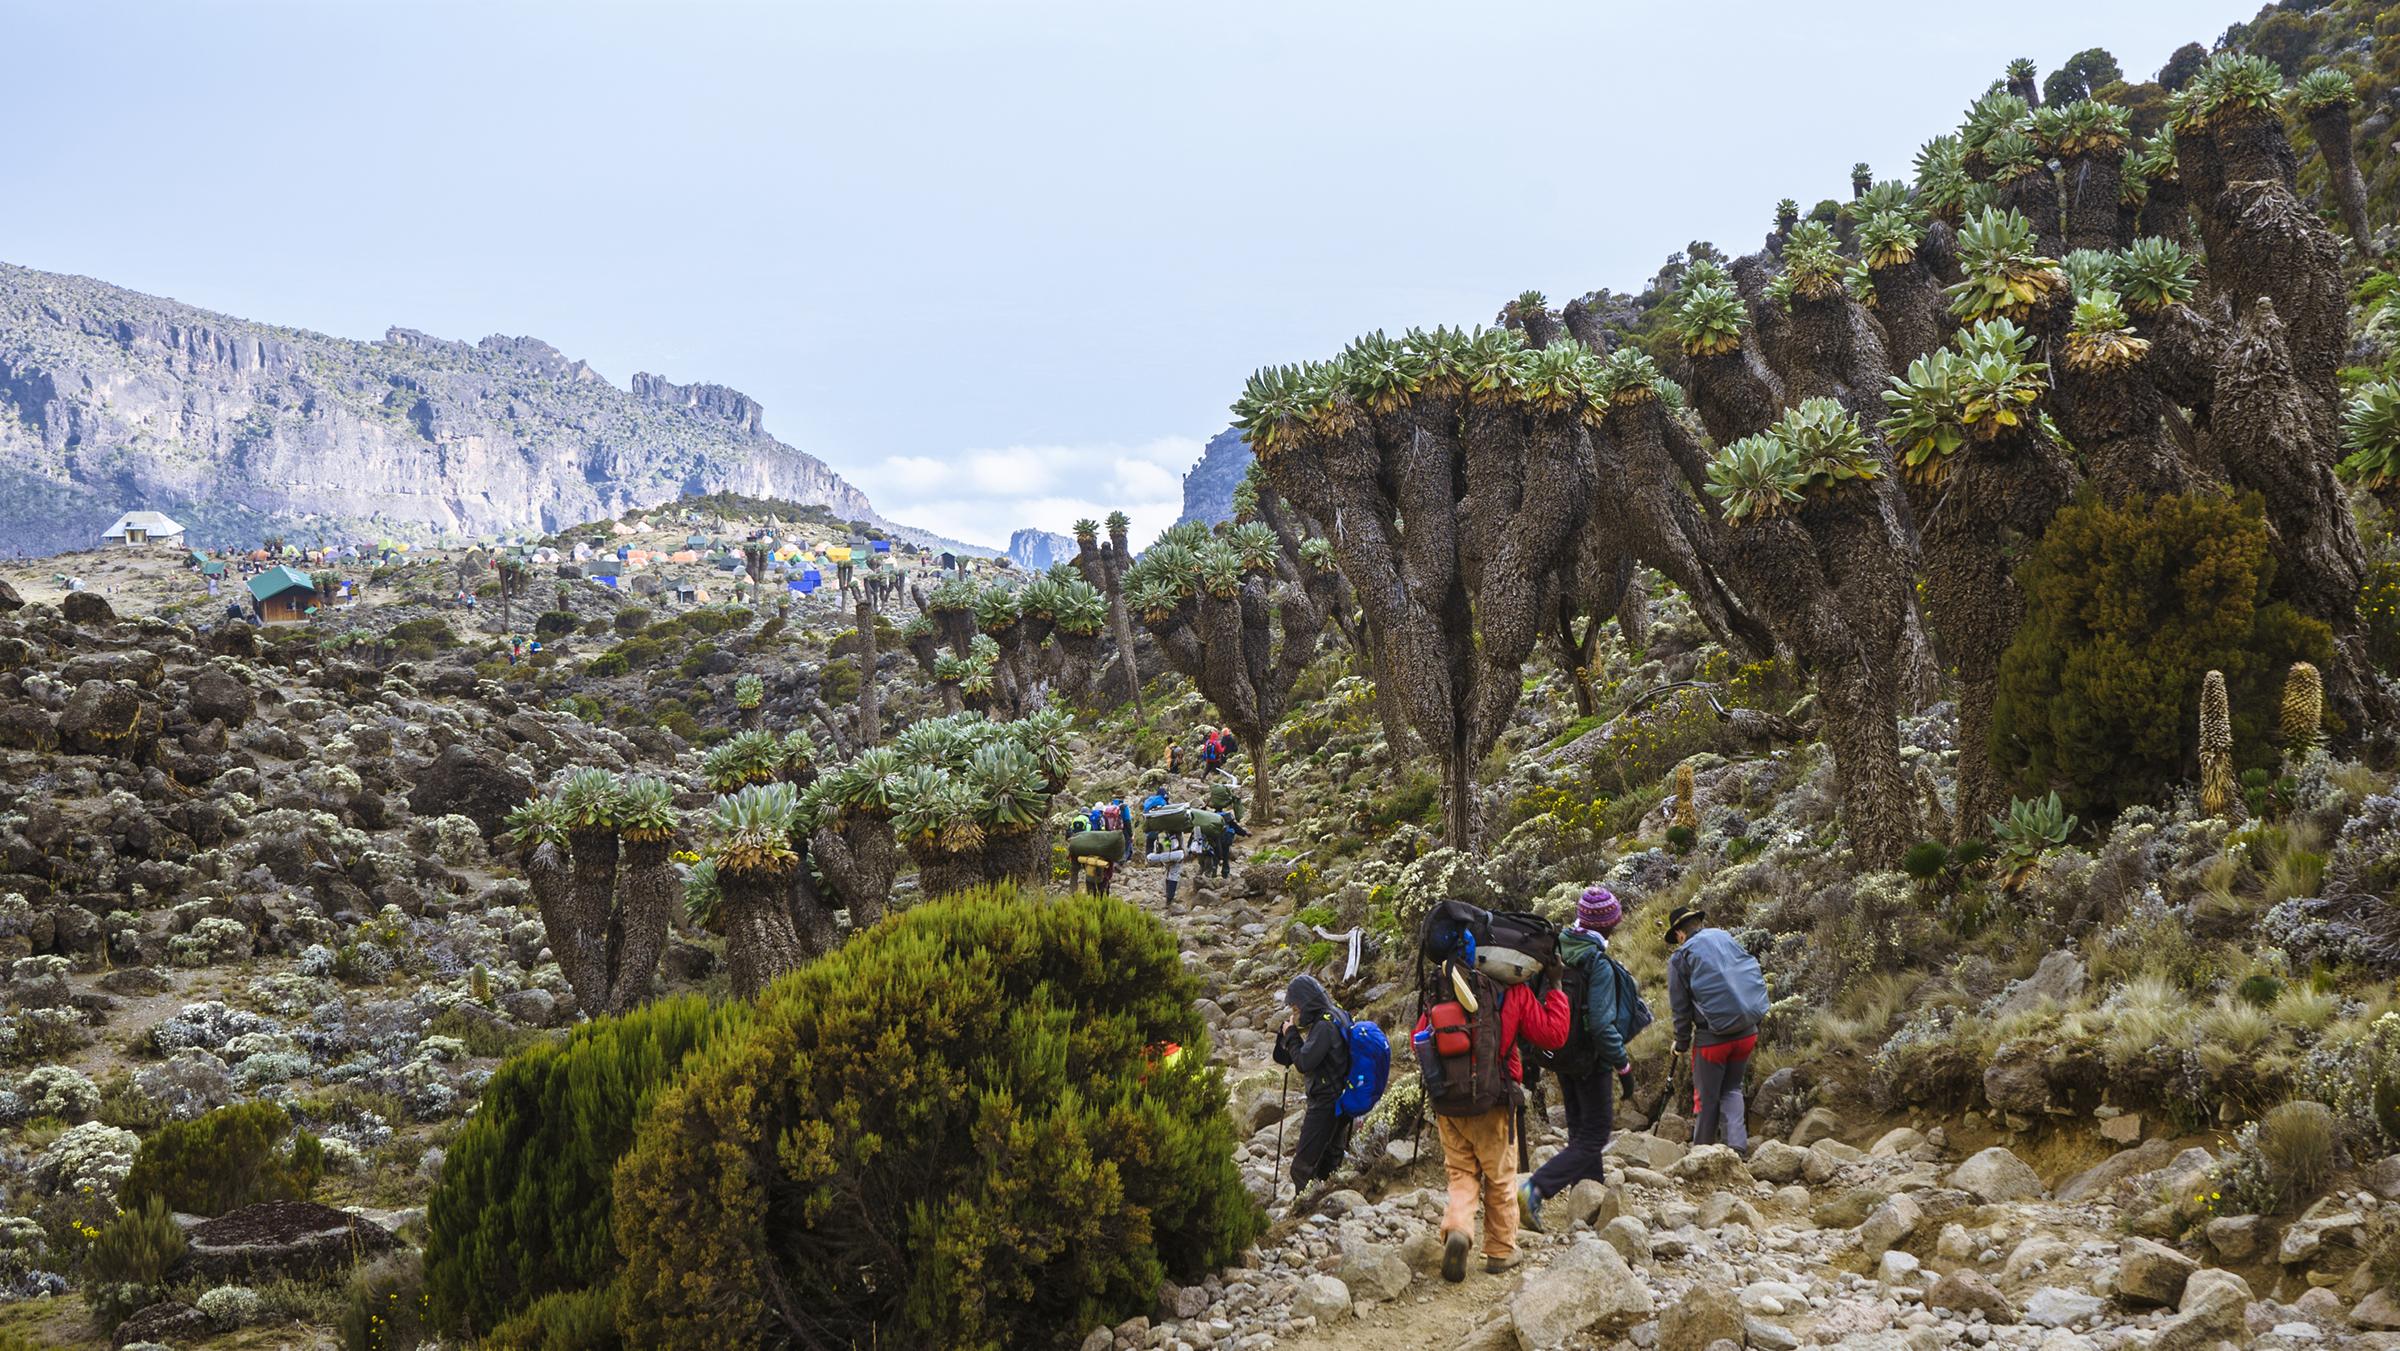 Kilimanjaro: Hết ngày dài lại đêm thâu, chúng ta đi leo núi Phi châu - Ảnh 11.